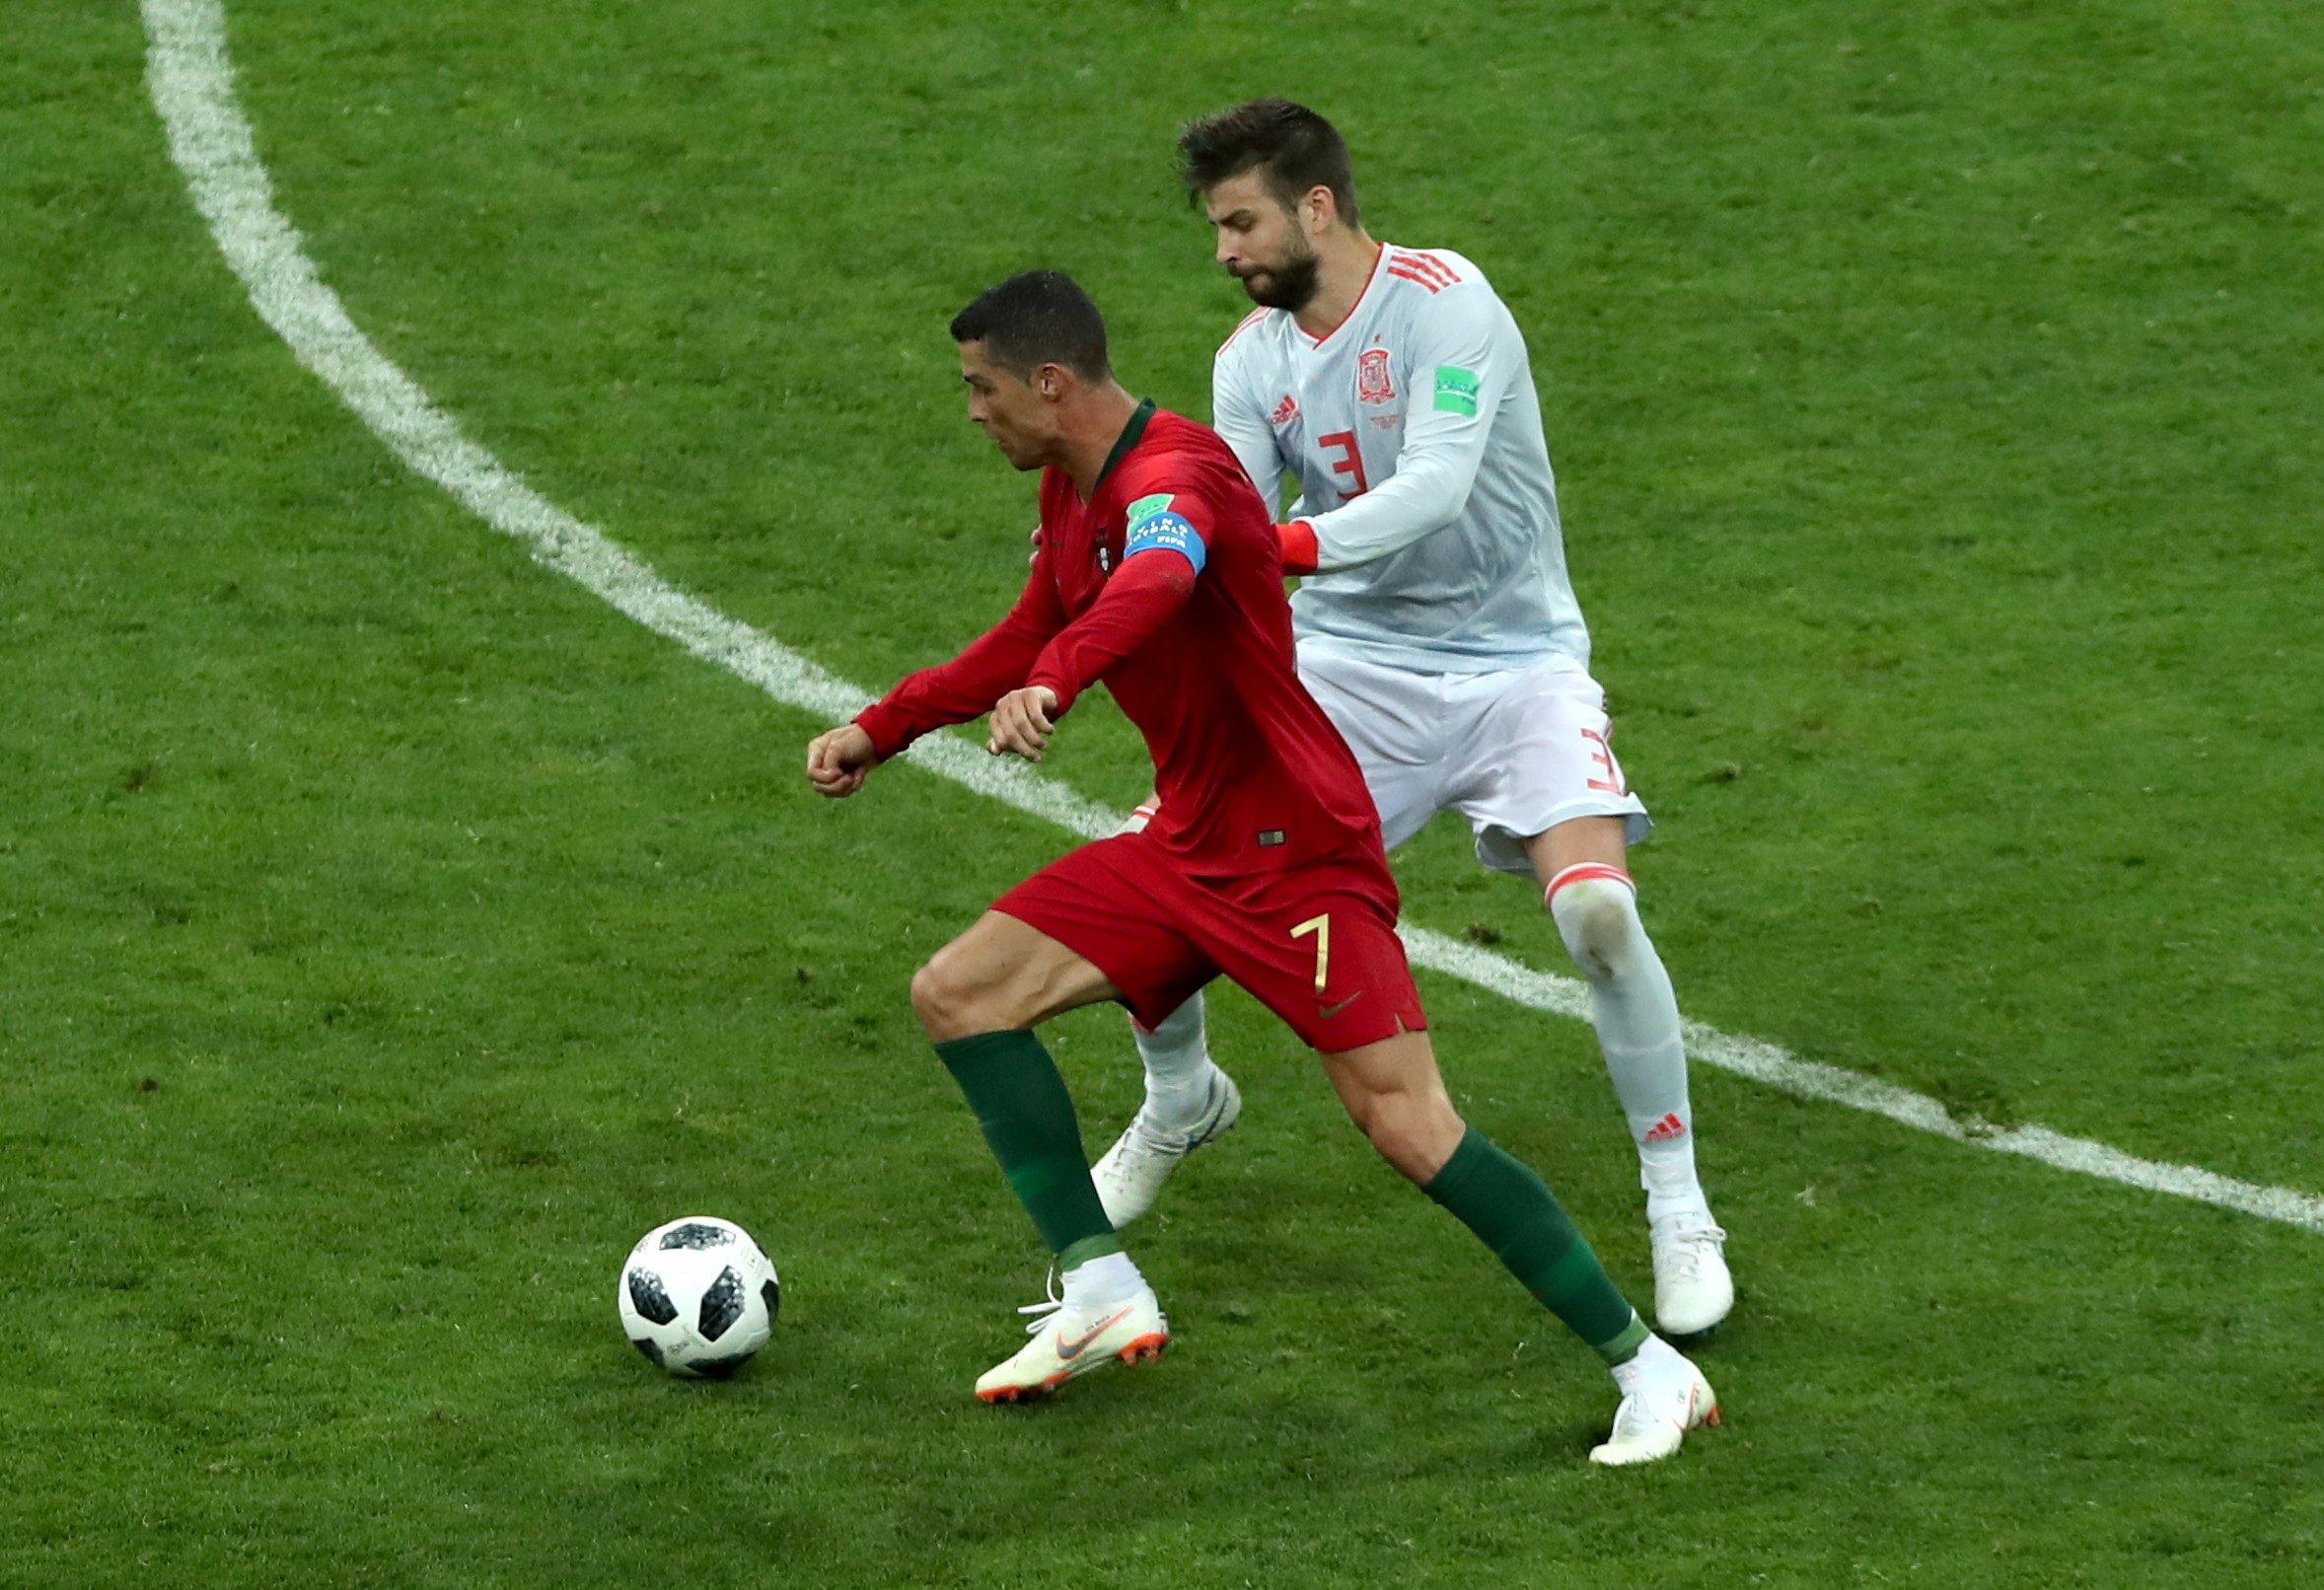 Piqué Cristiano Ronaldo Espanya Portugal Mundial EFE